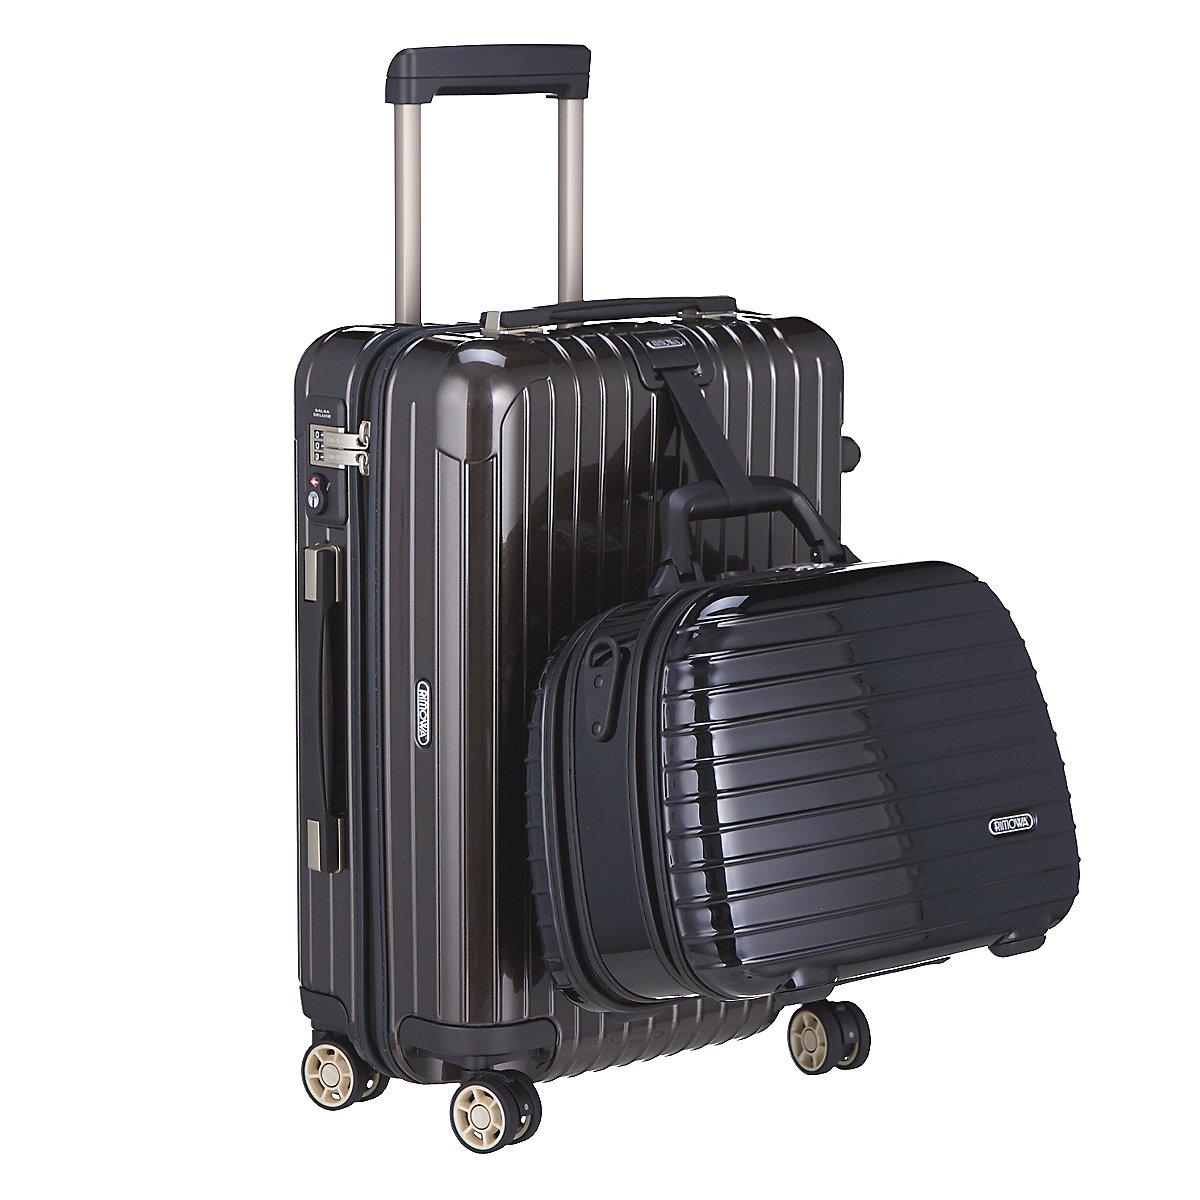 Rimowa Salsa Deluxe Multiwheel Cabin Trolley 55 Cm